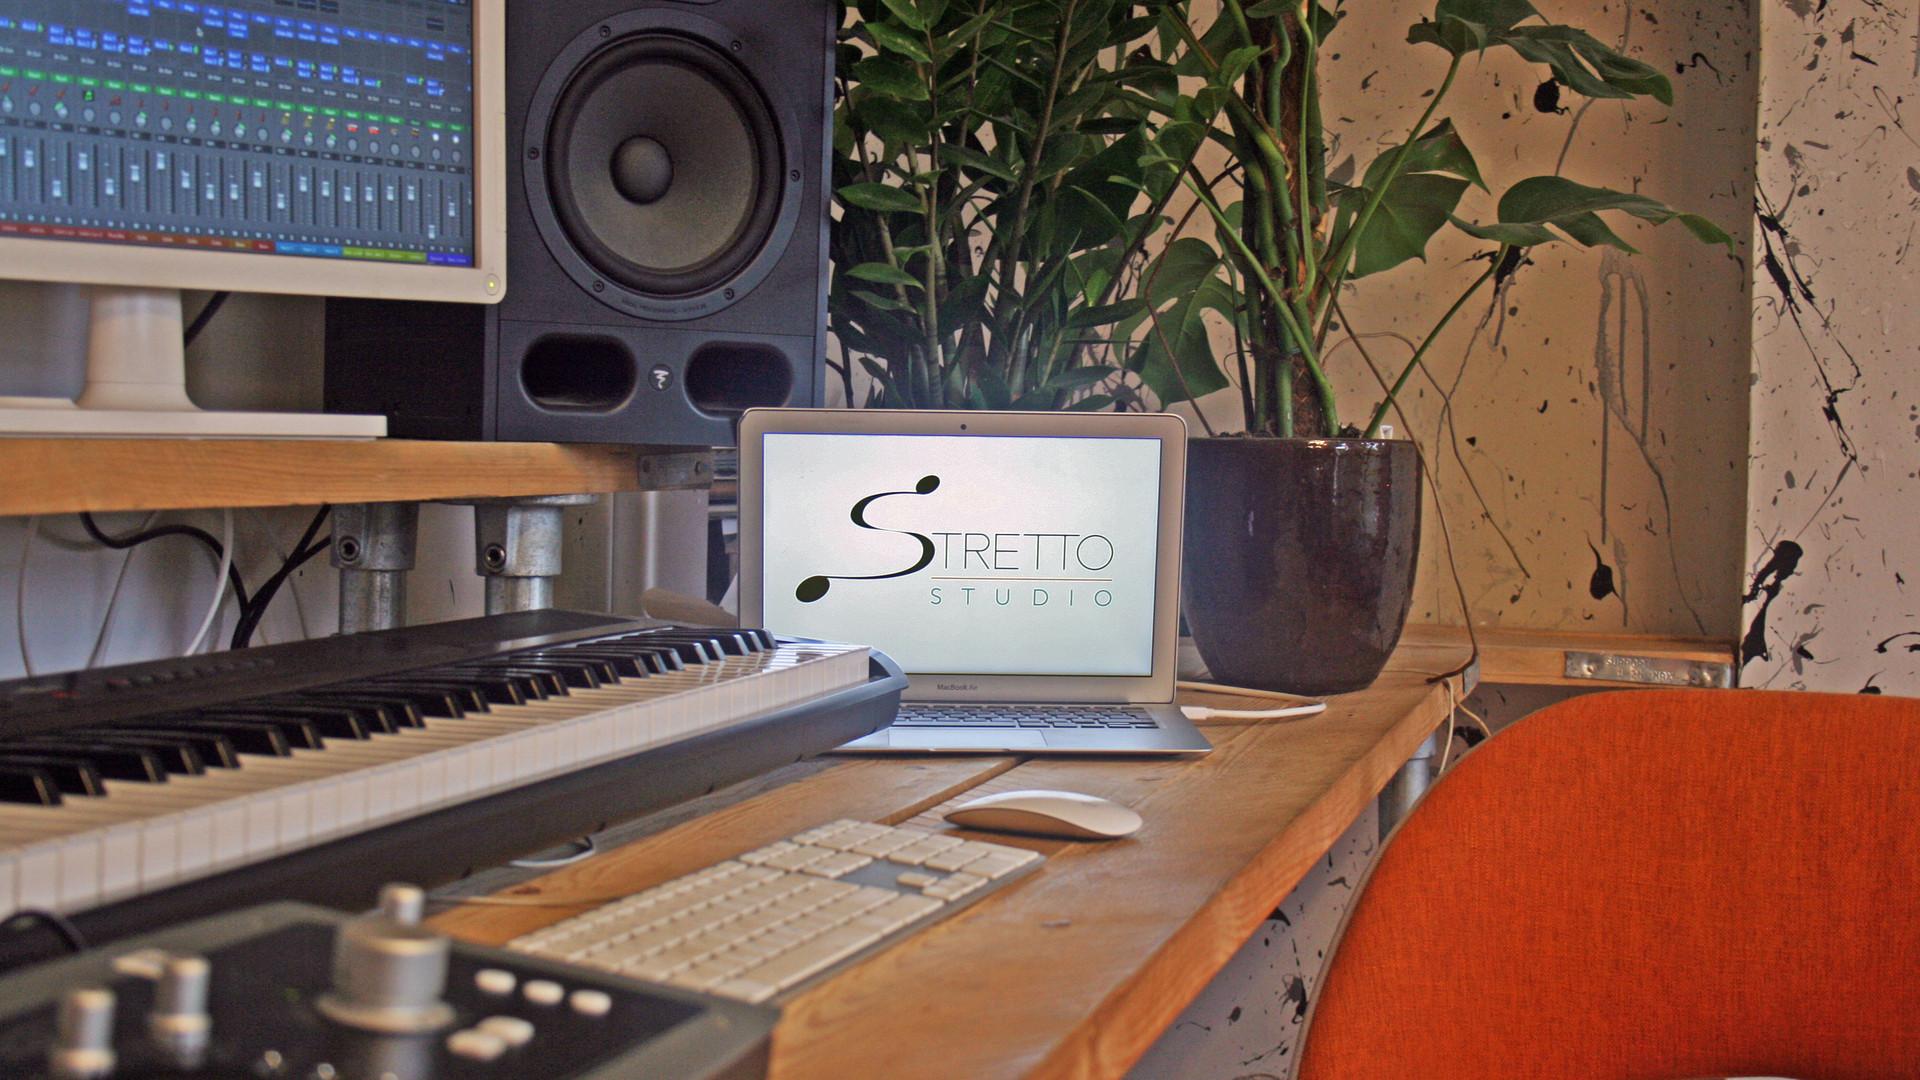 Stretto Studio